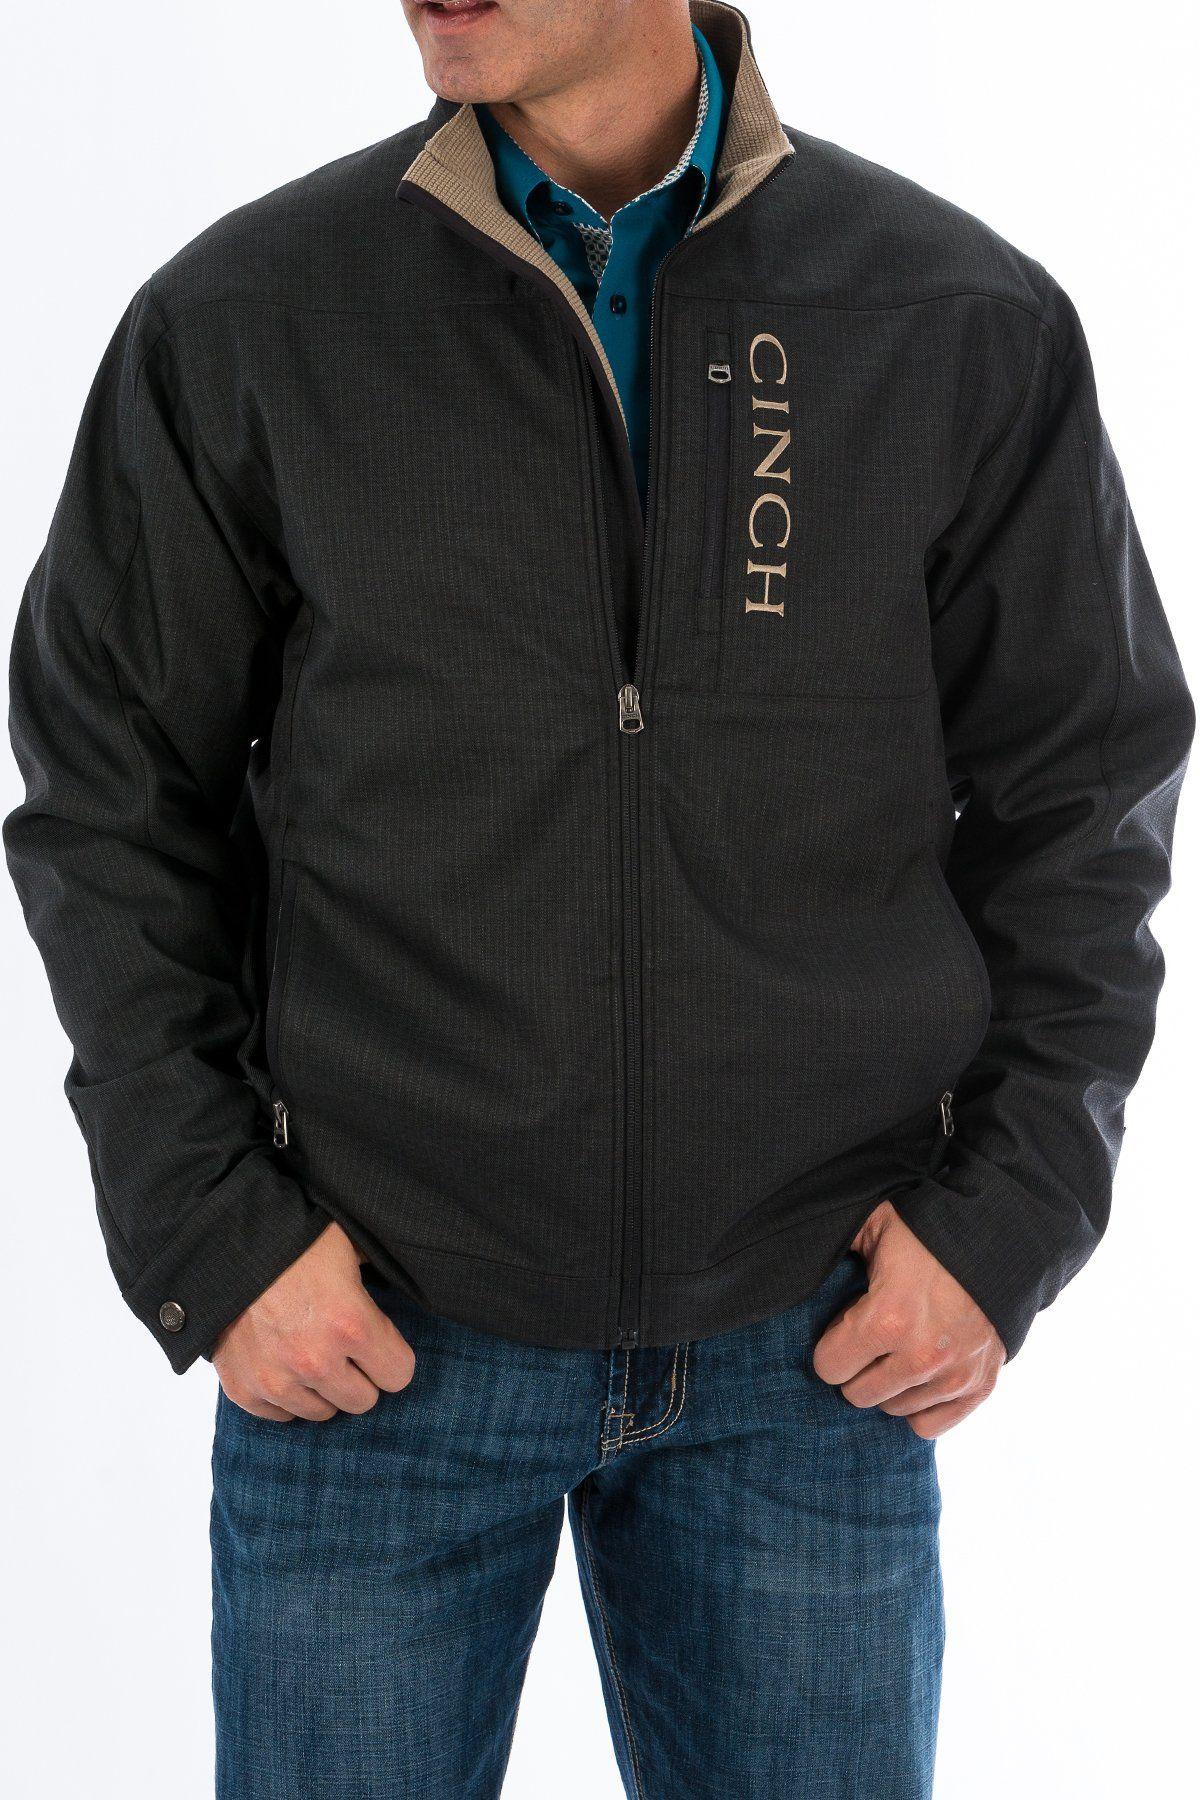 fb4221c9f315 Cinch Mens Bonded Textured Concealed Carry Jacket - Black MWJ1090001.  Details